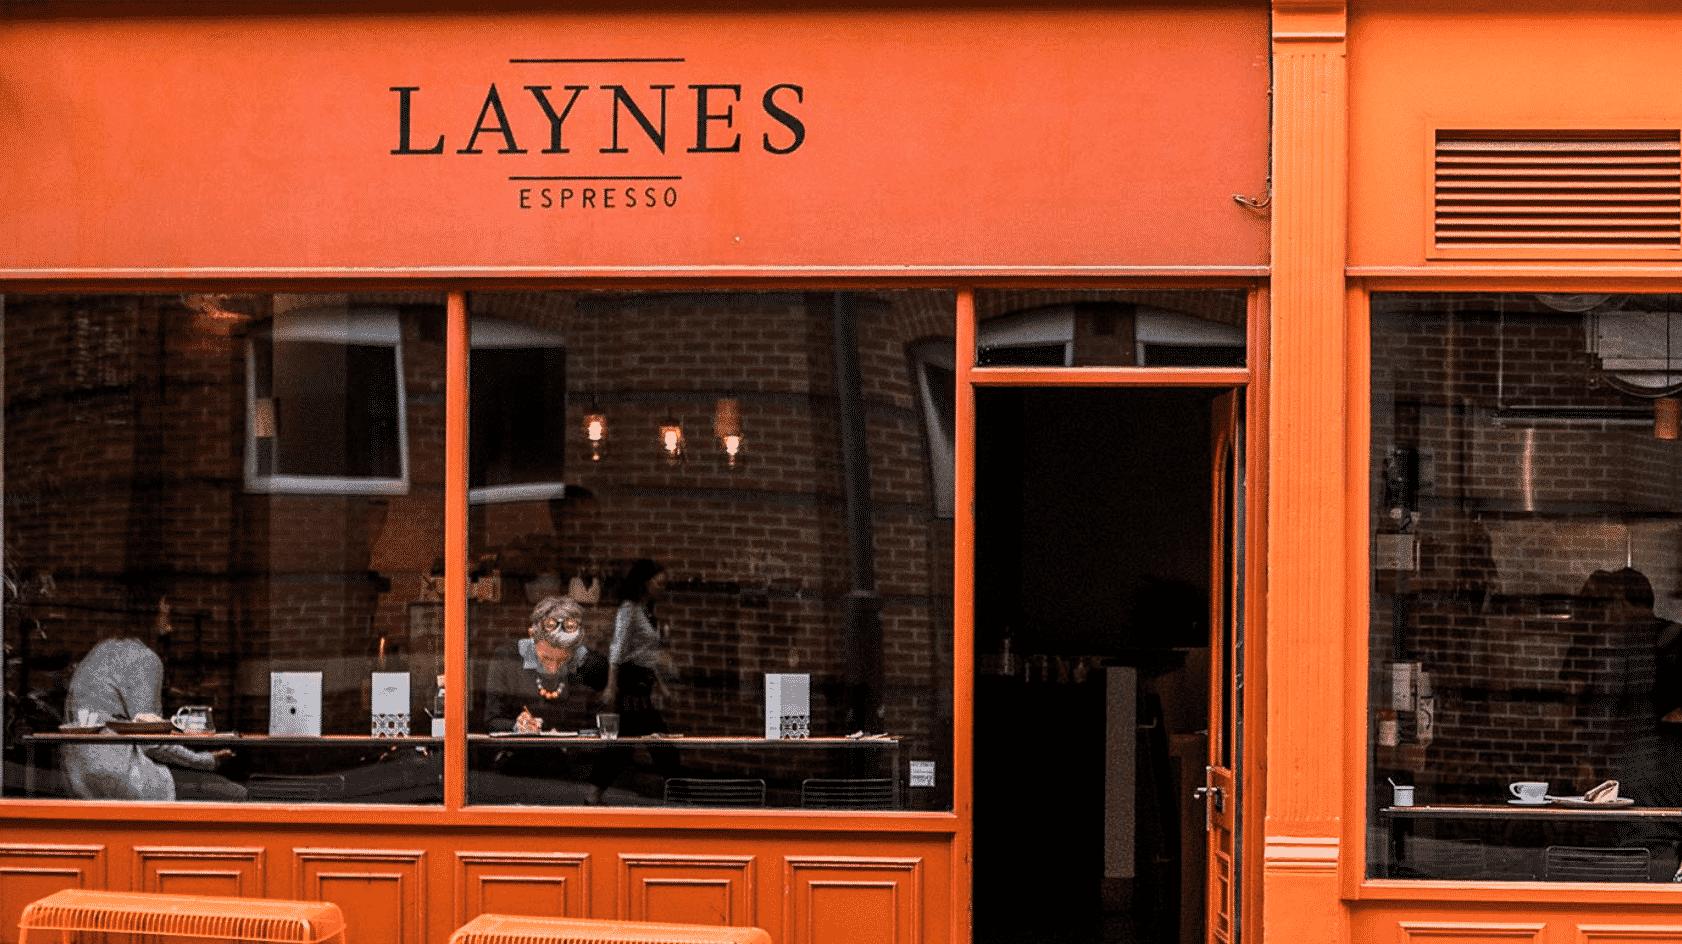 Laynes Espresso Cafe in England